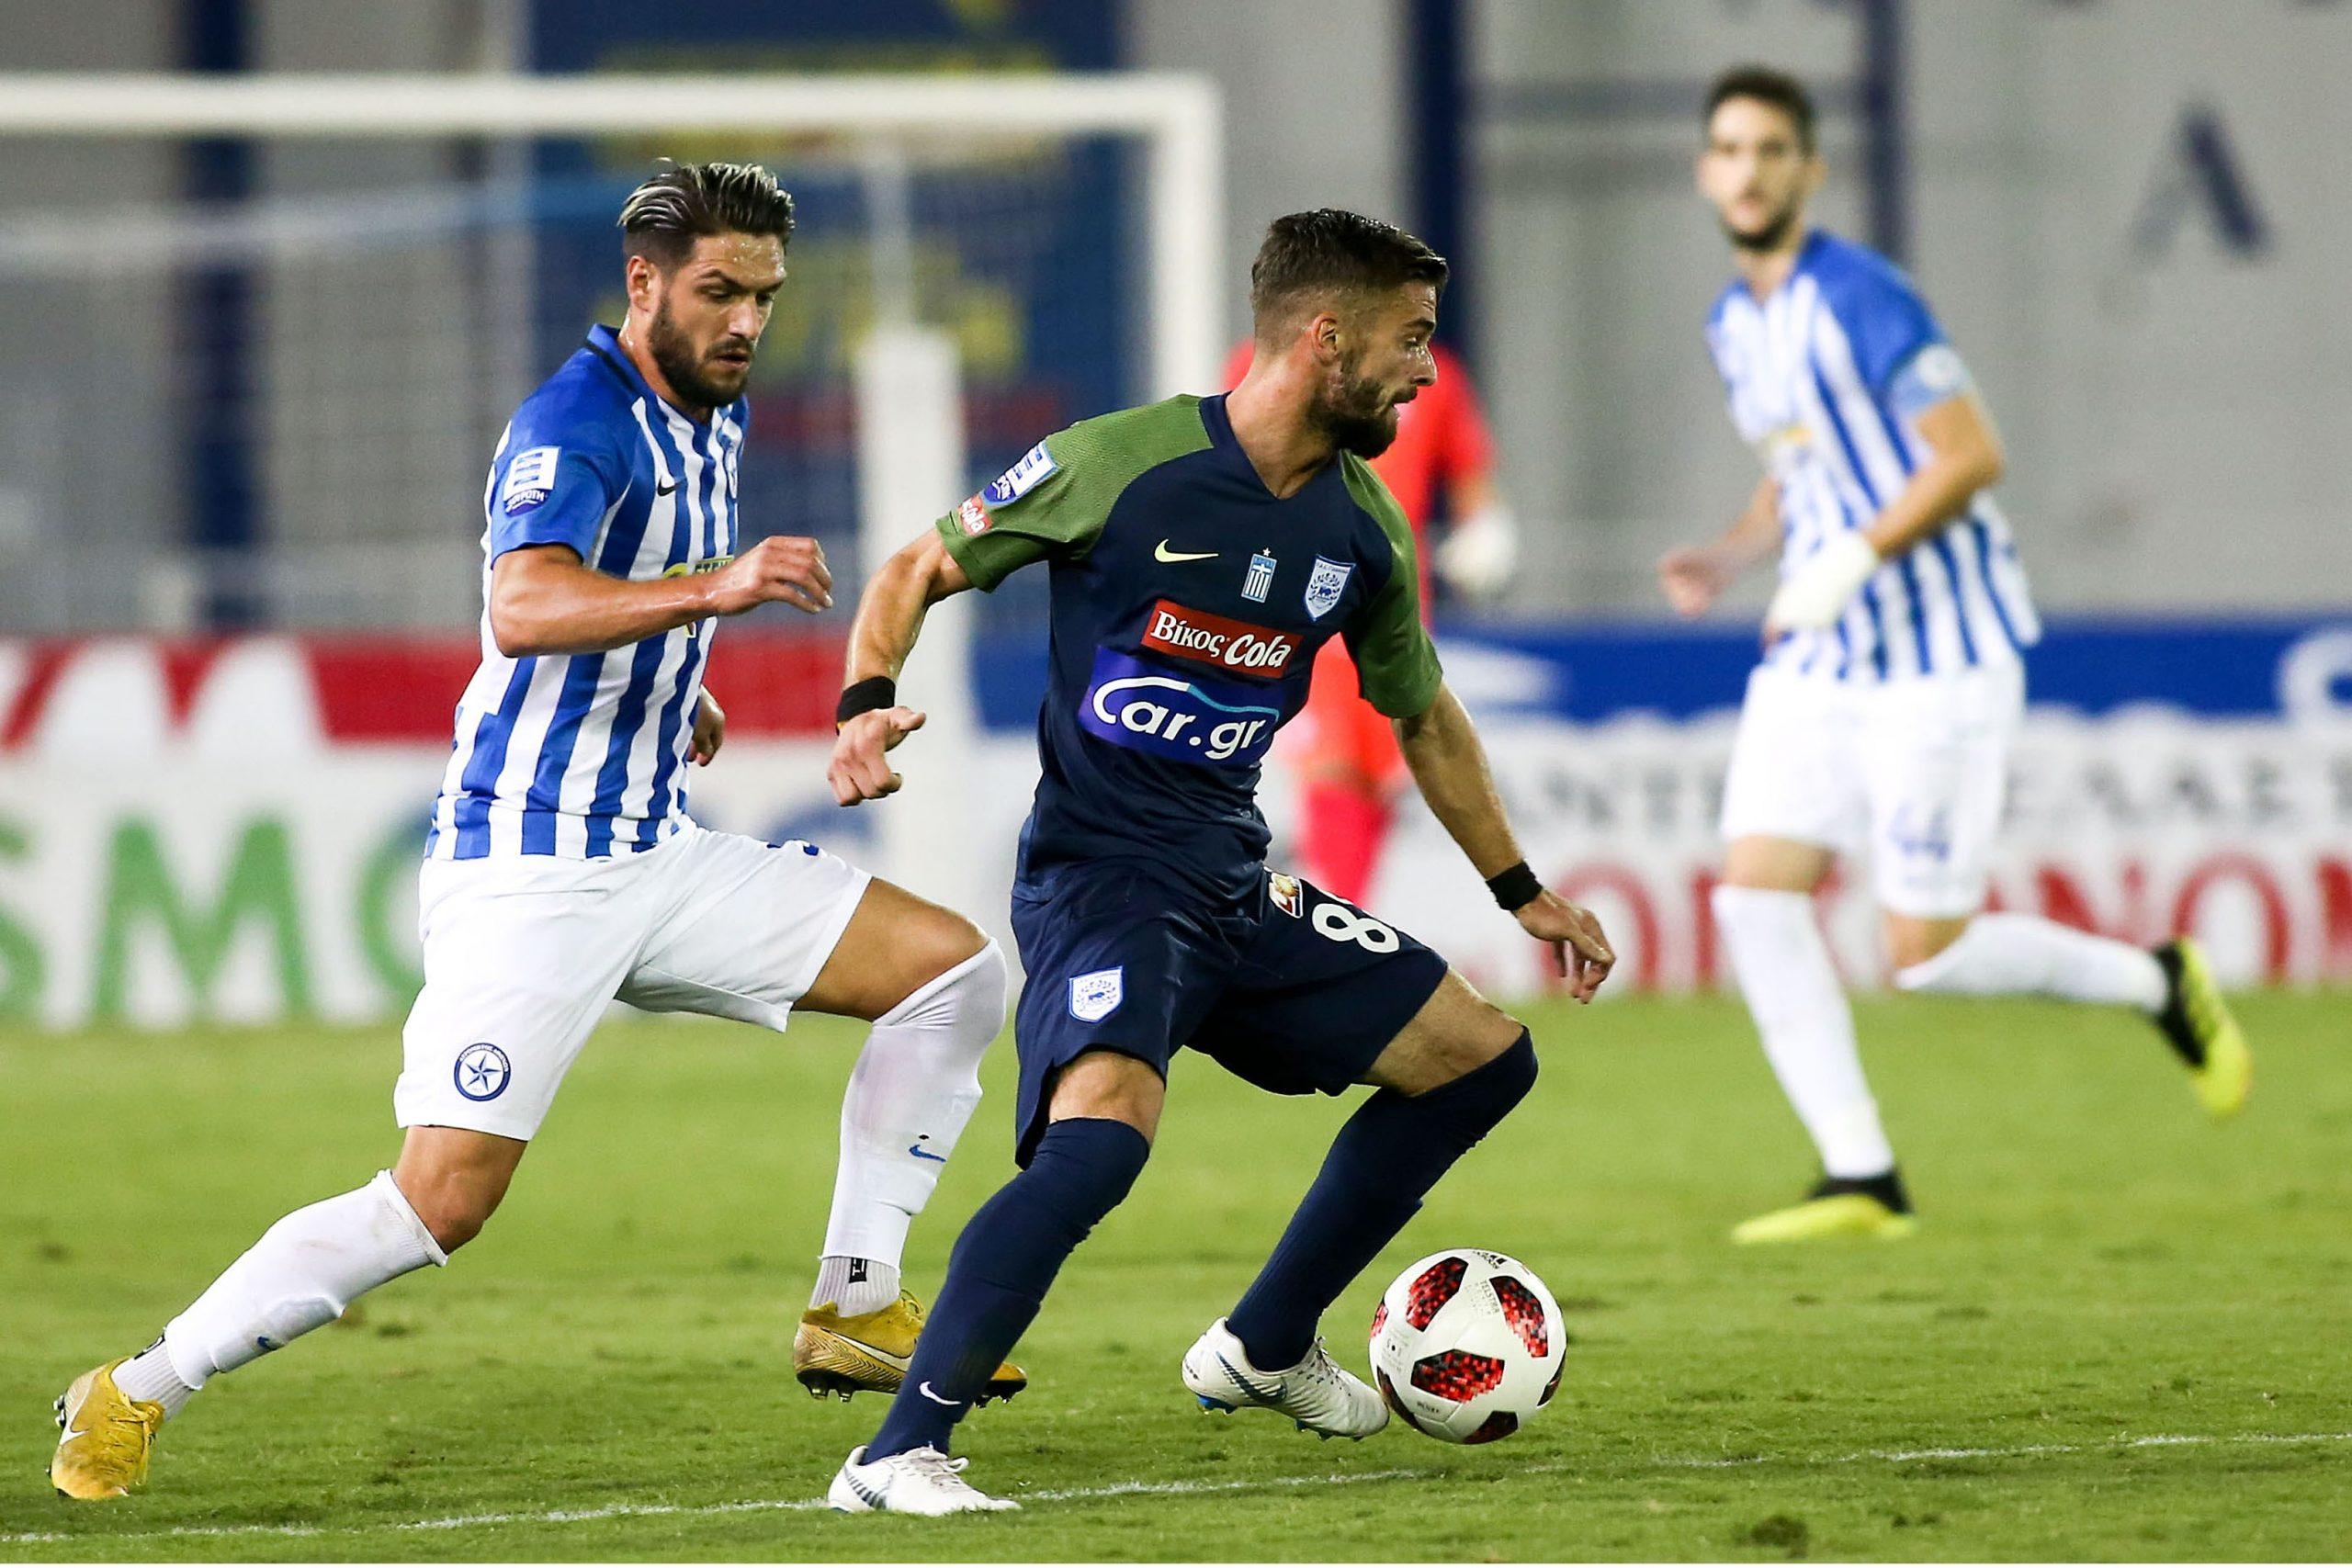 Κύπελλο Ελλάδας: Με τέσσερα ματς ανοίγει η αυλαία - Sportime.GR